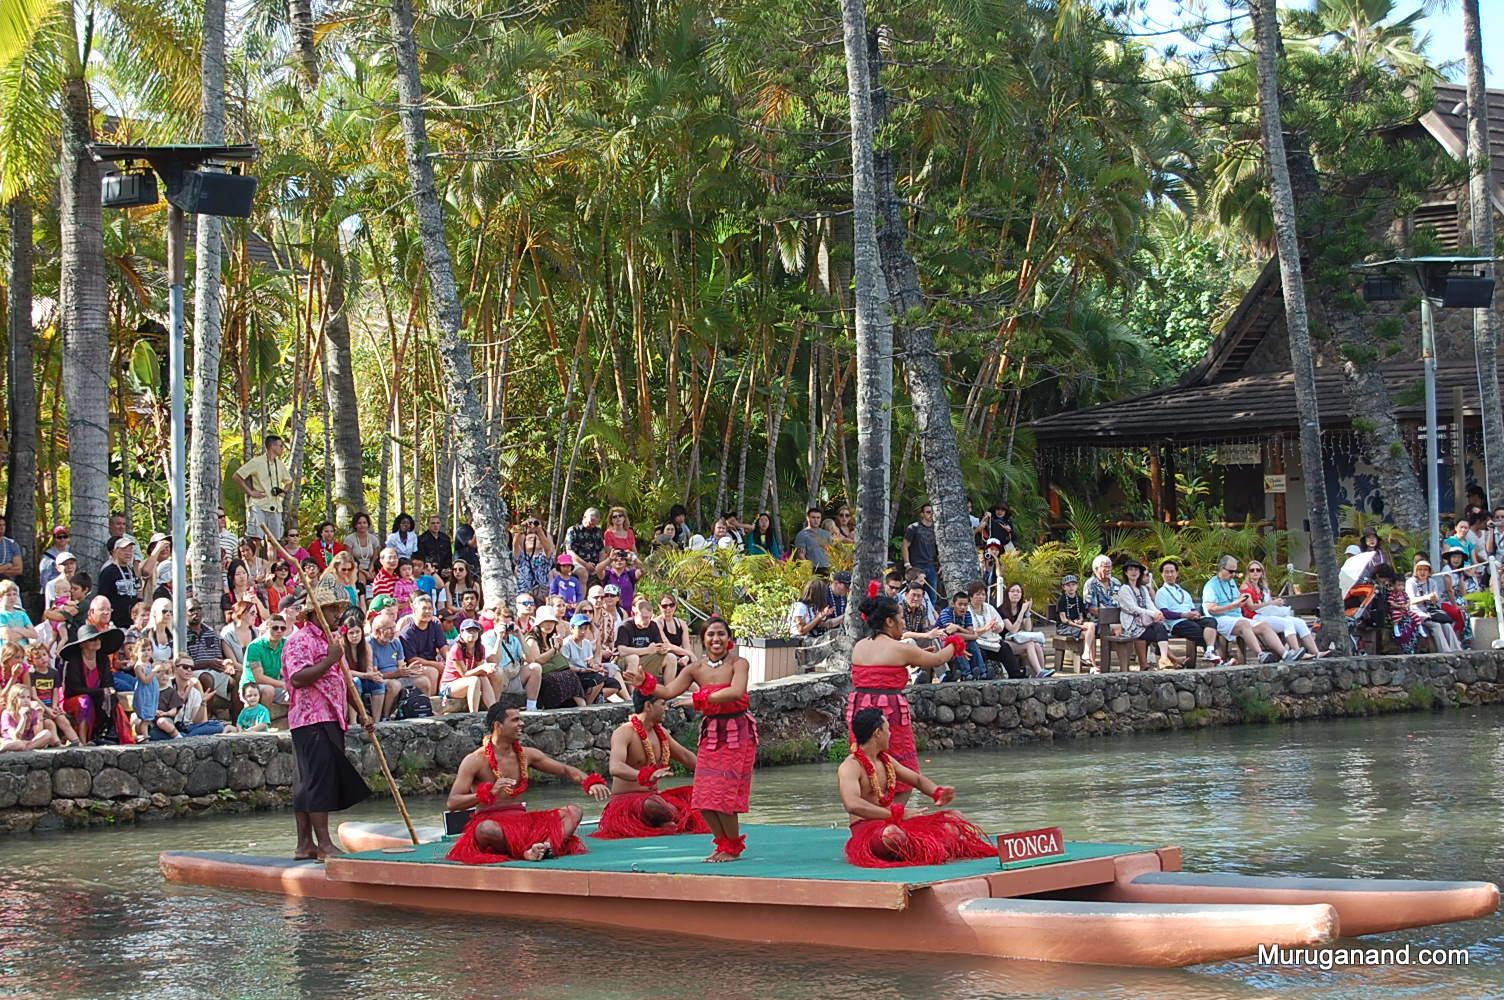 Tonga Float (O'ahu)